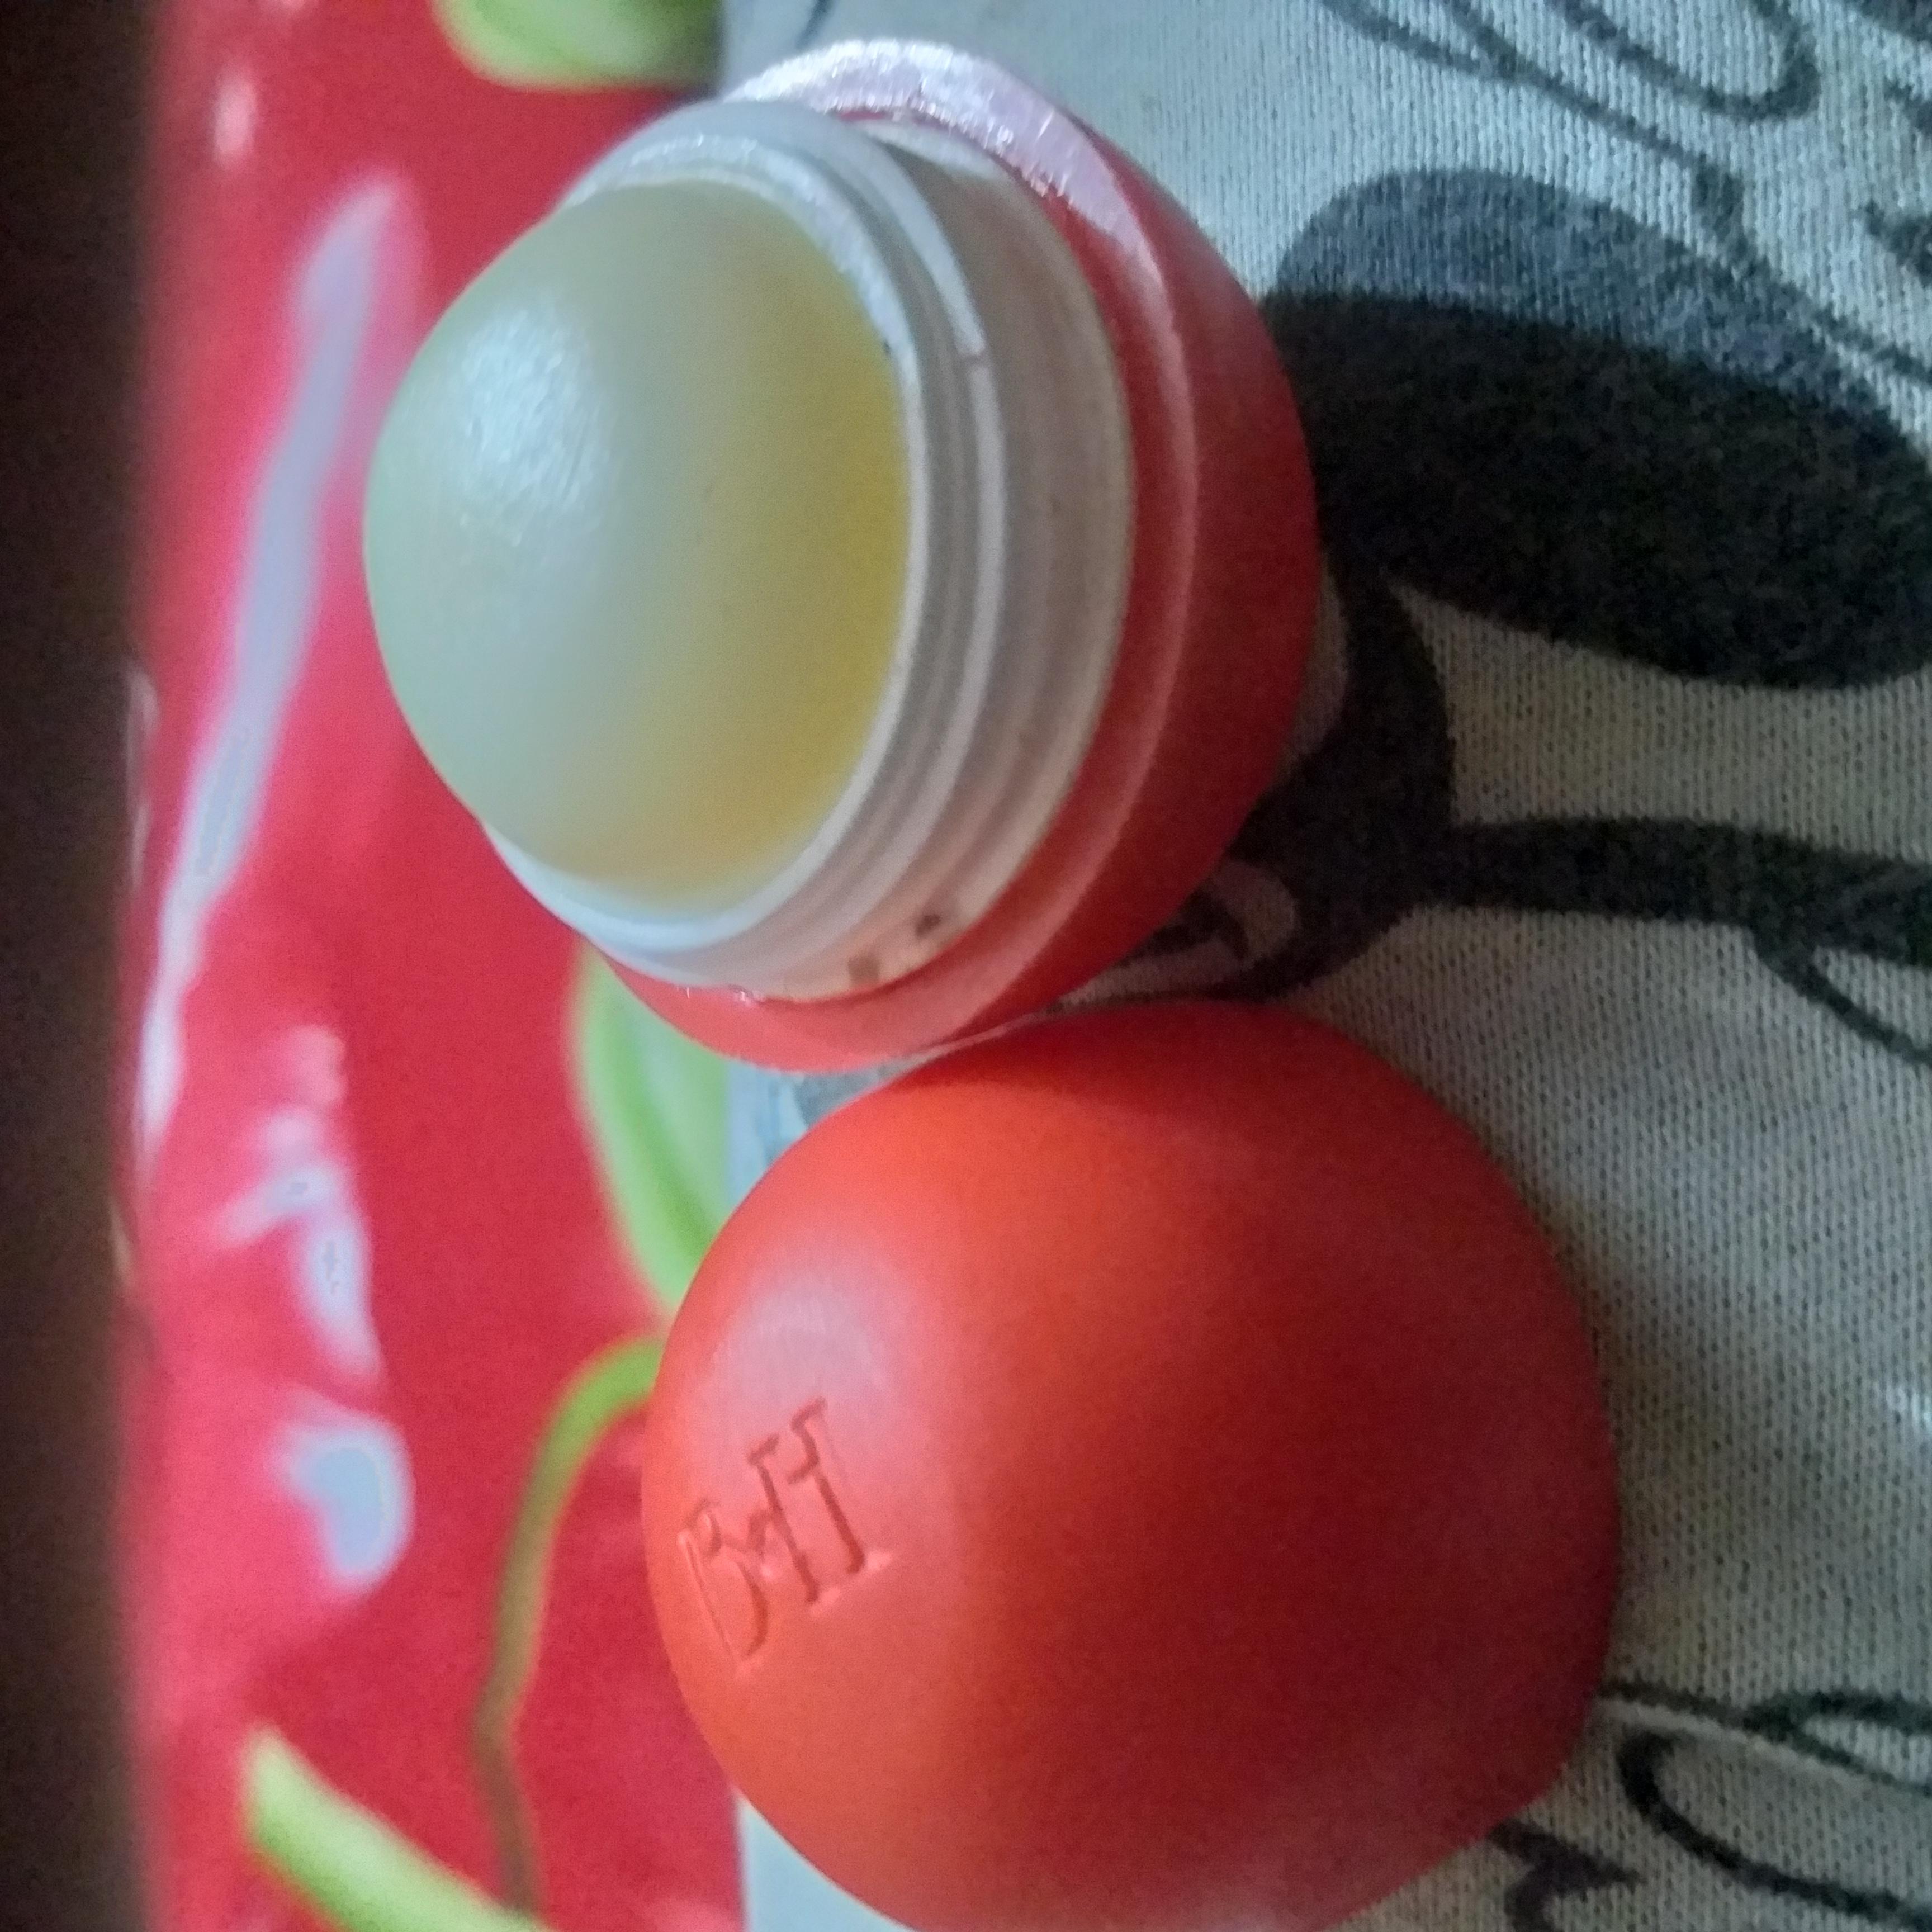 Blue Heaven Lip Bomb-Daily lip balm-By khushb00.pal-1